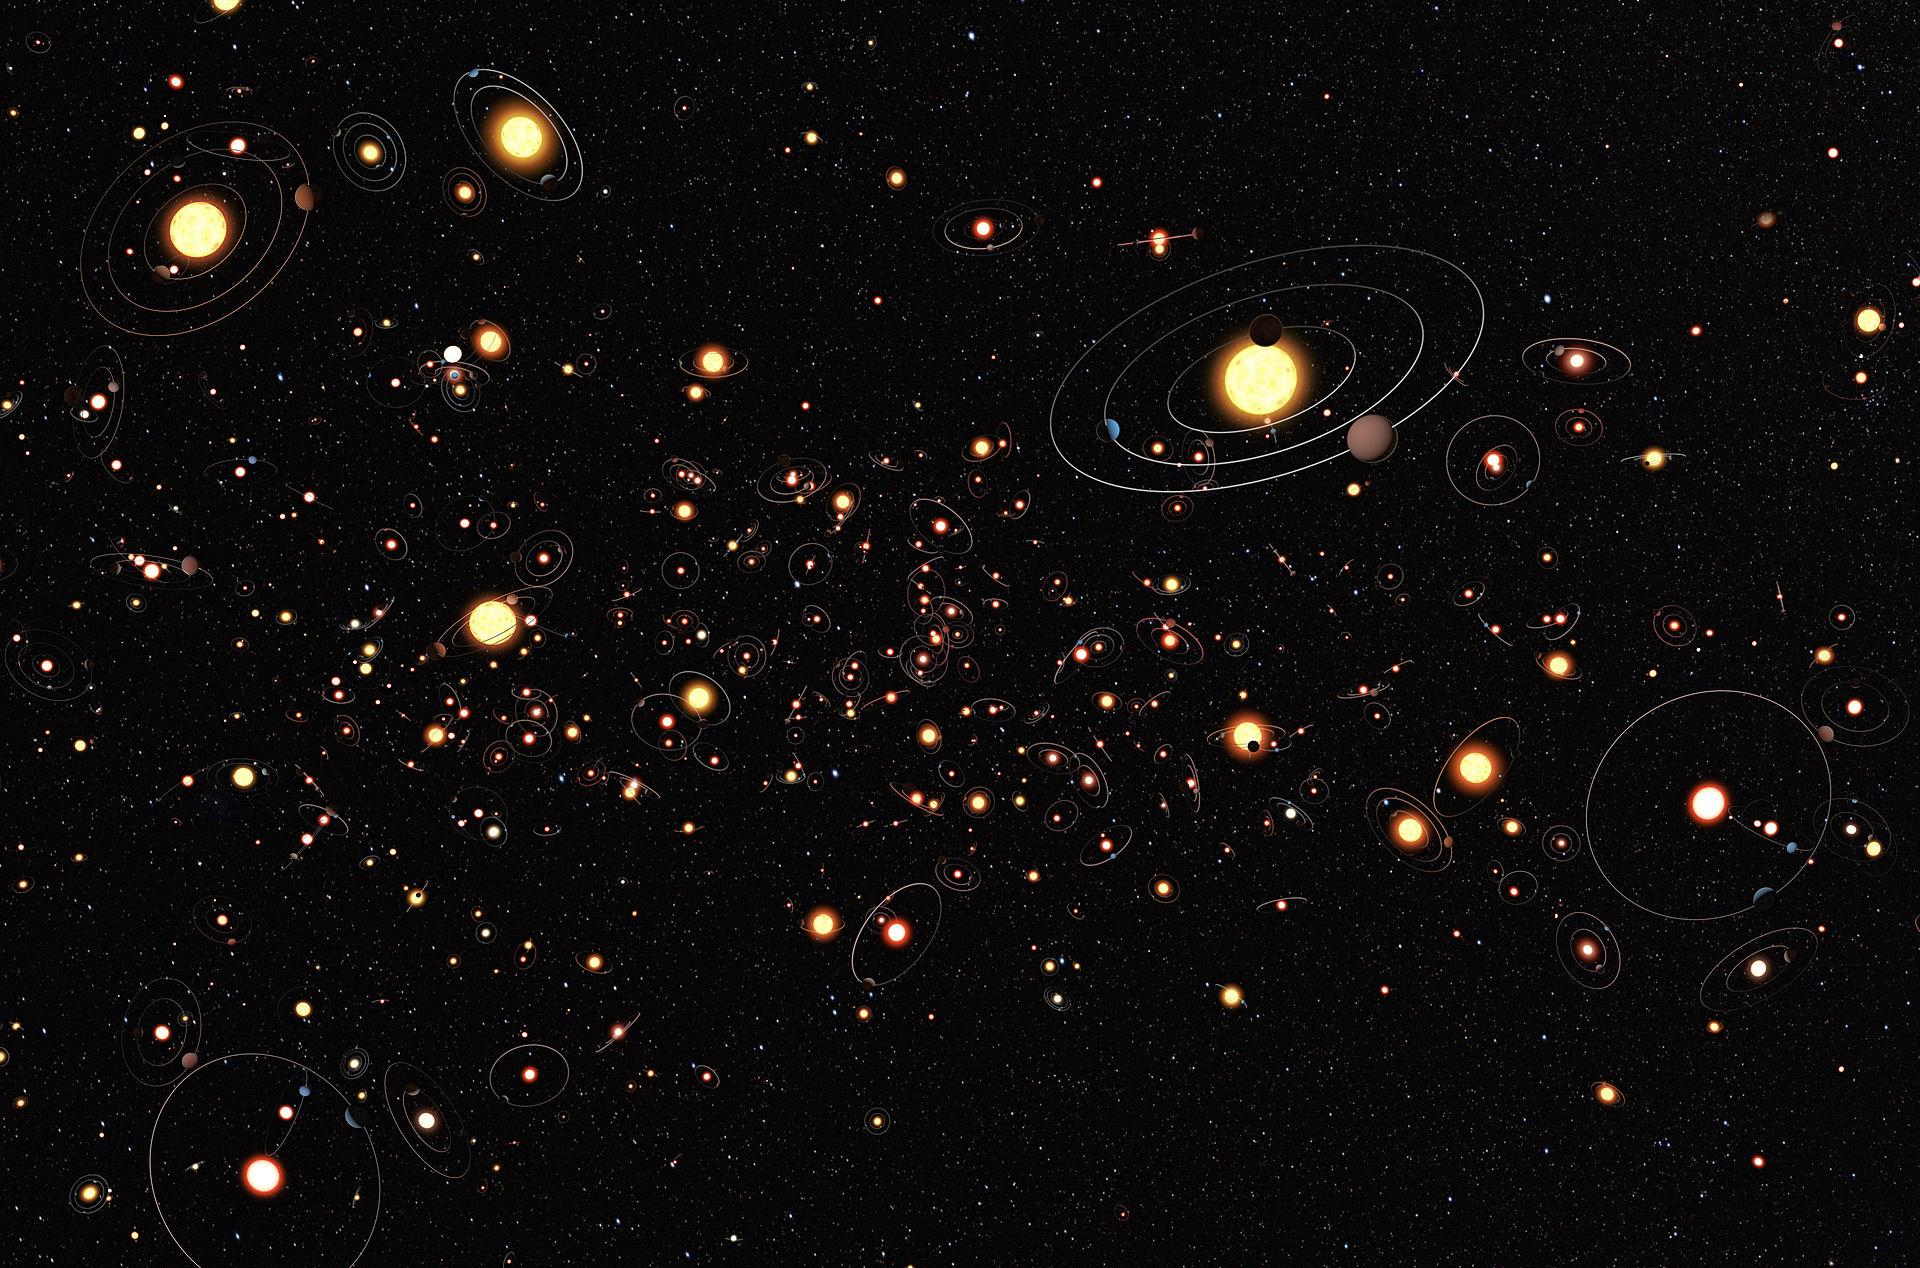 Conceito artístico de planetas ao redor de estrelas na Via Láctea. Crédito da imagem: ESO/M. Kornmesser